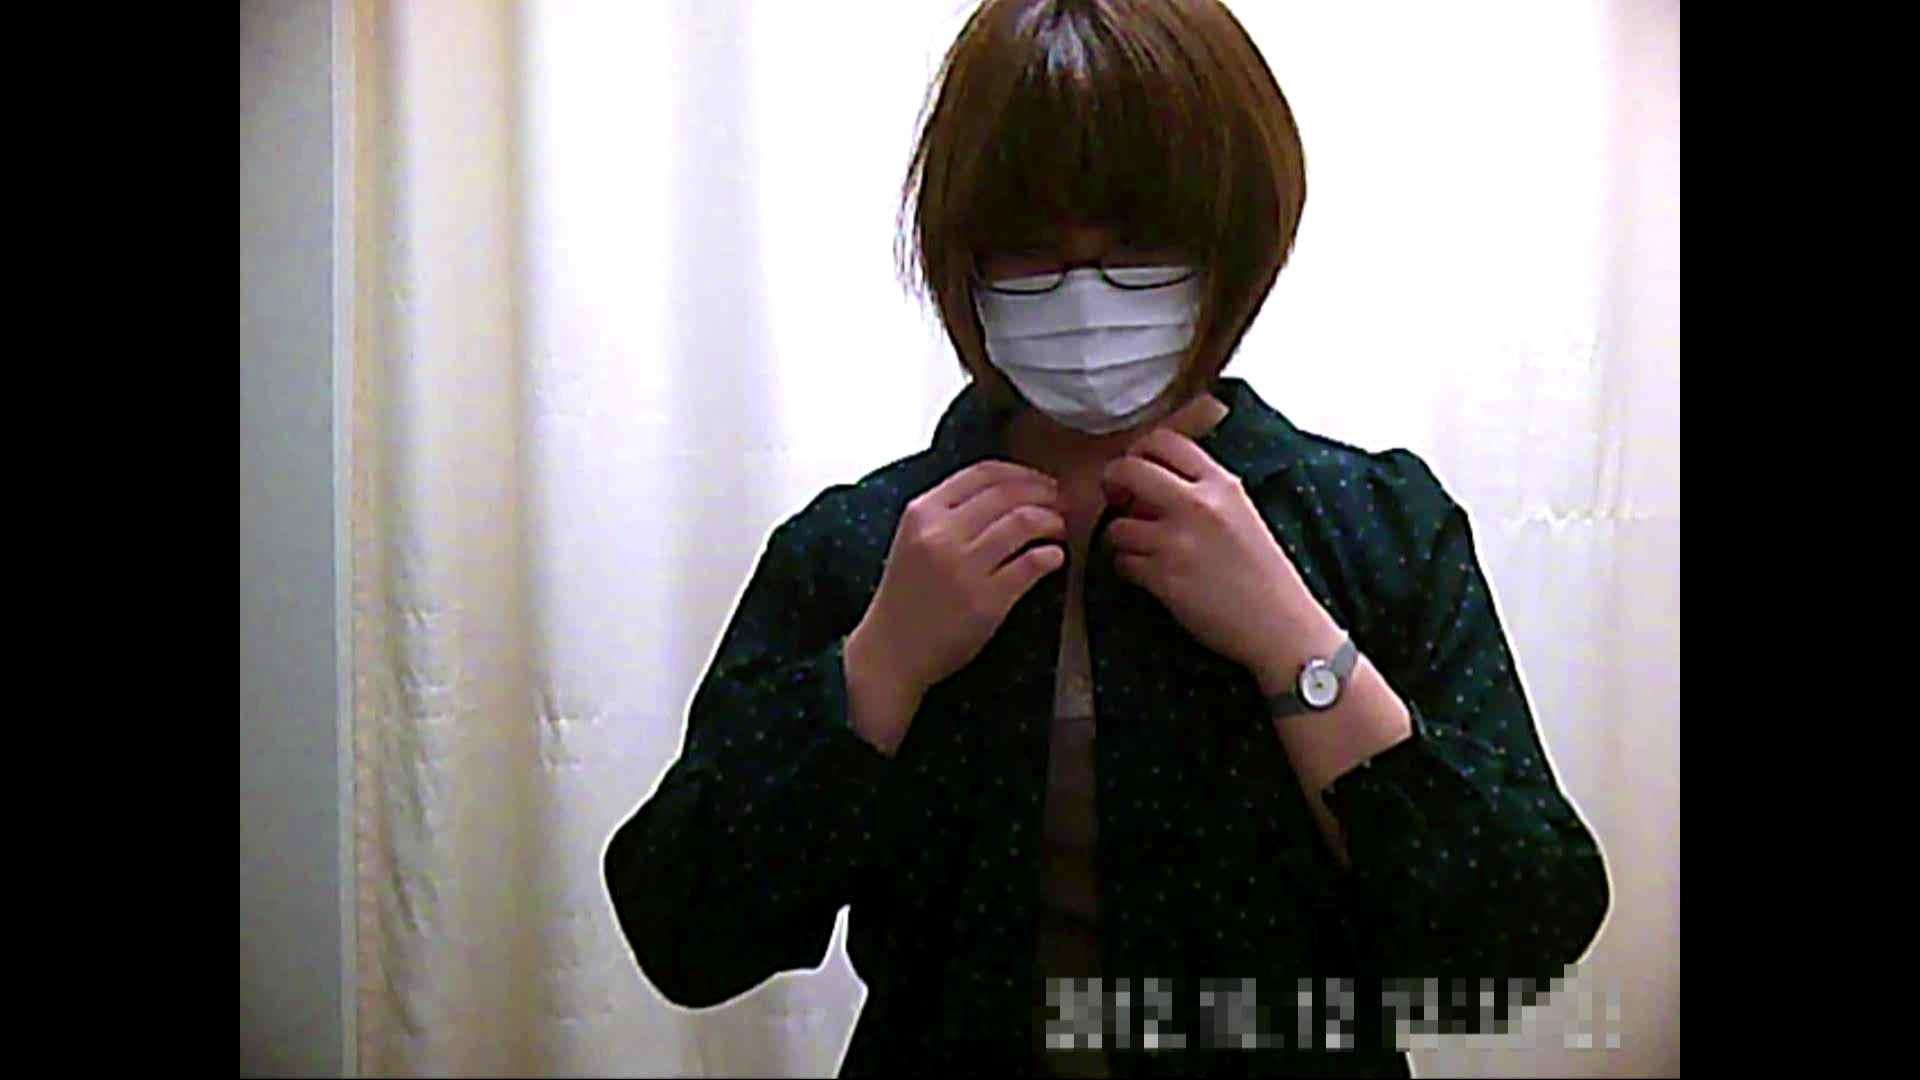 元医者による反抗 更衣室地獄絵巻 vol.061 OLハメ撮り  91Pix 76